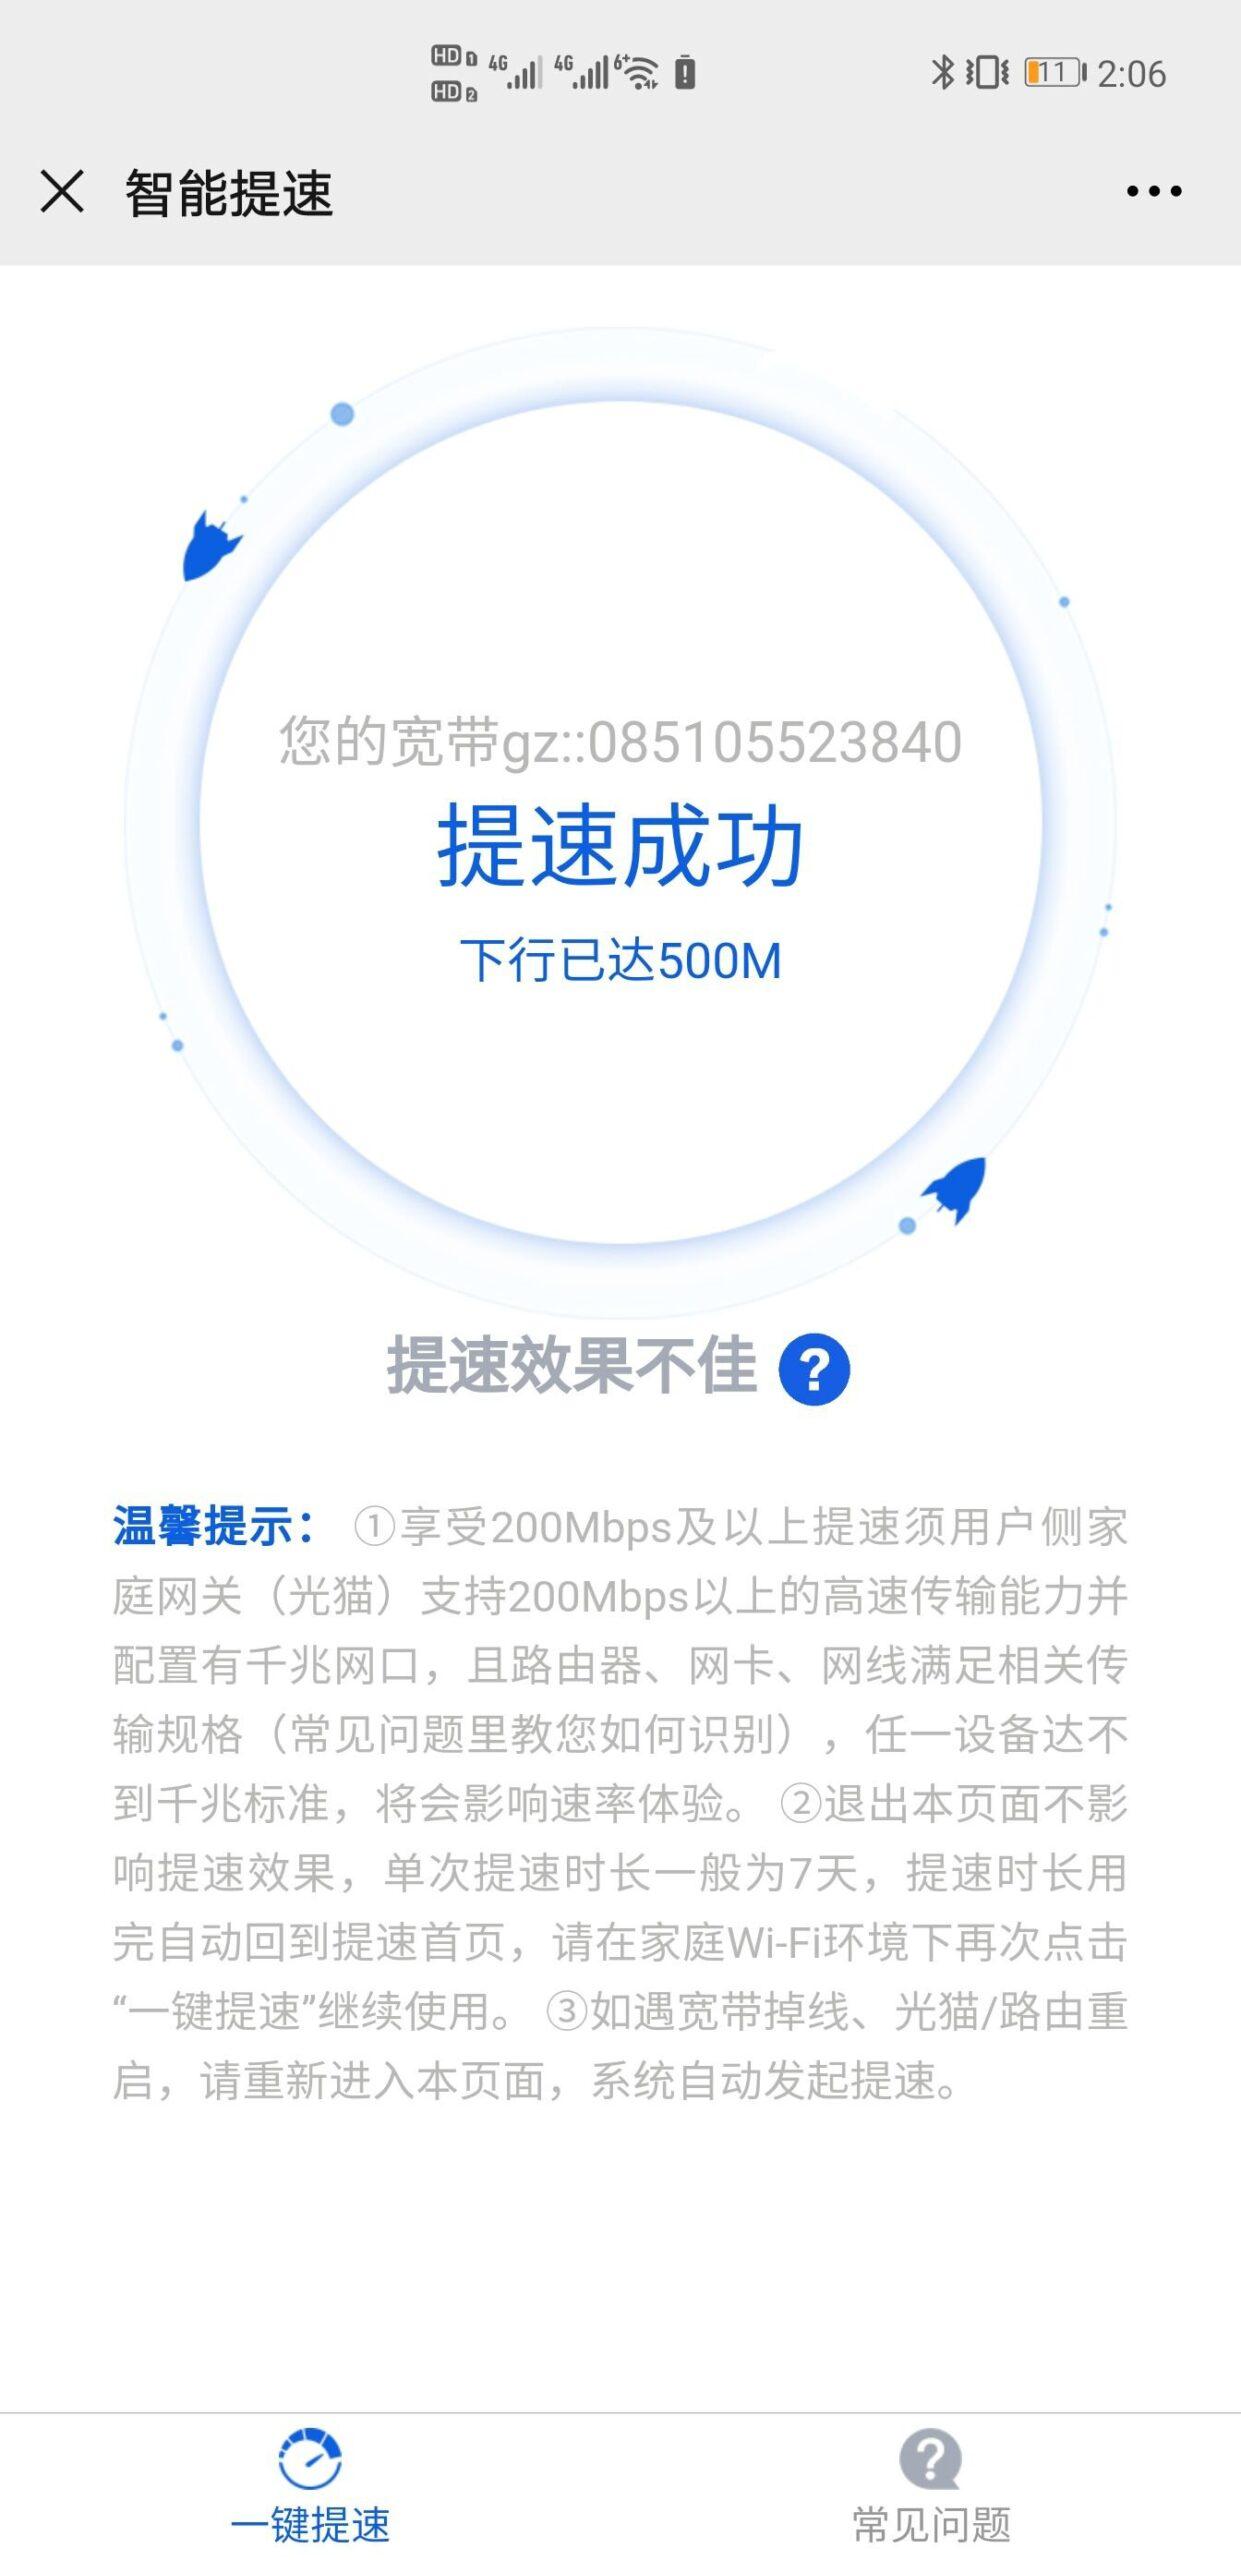 中国电信免费提速500兆 ,让你的宽带更快一些